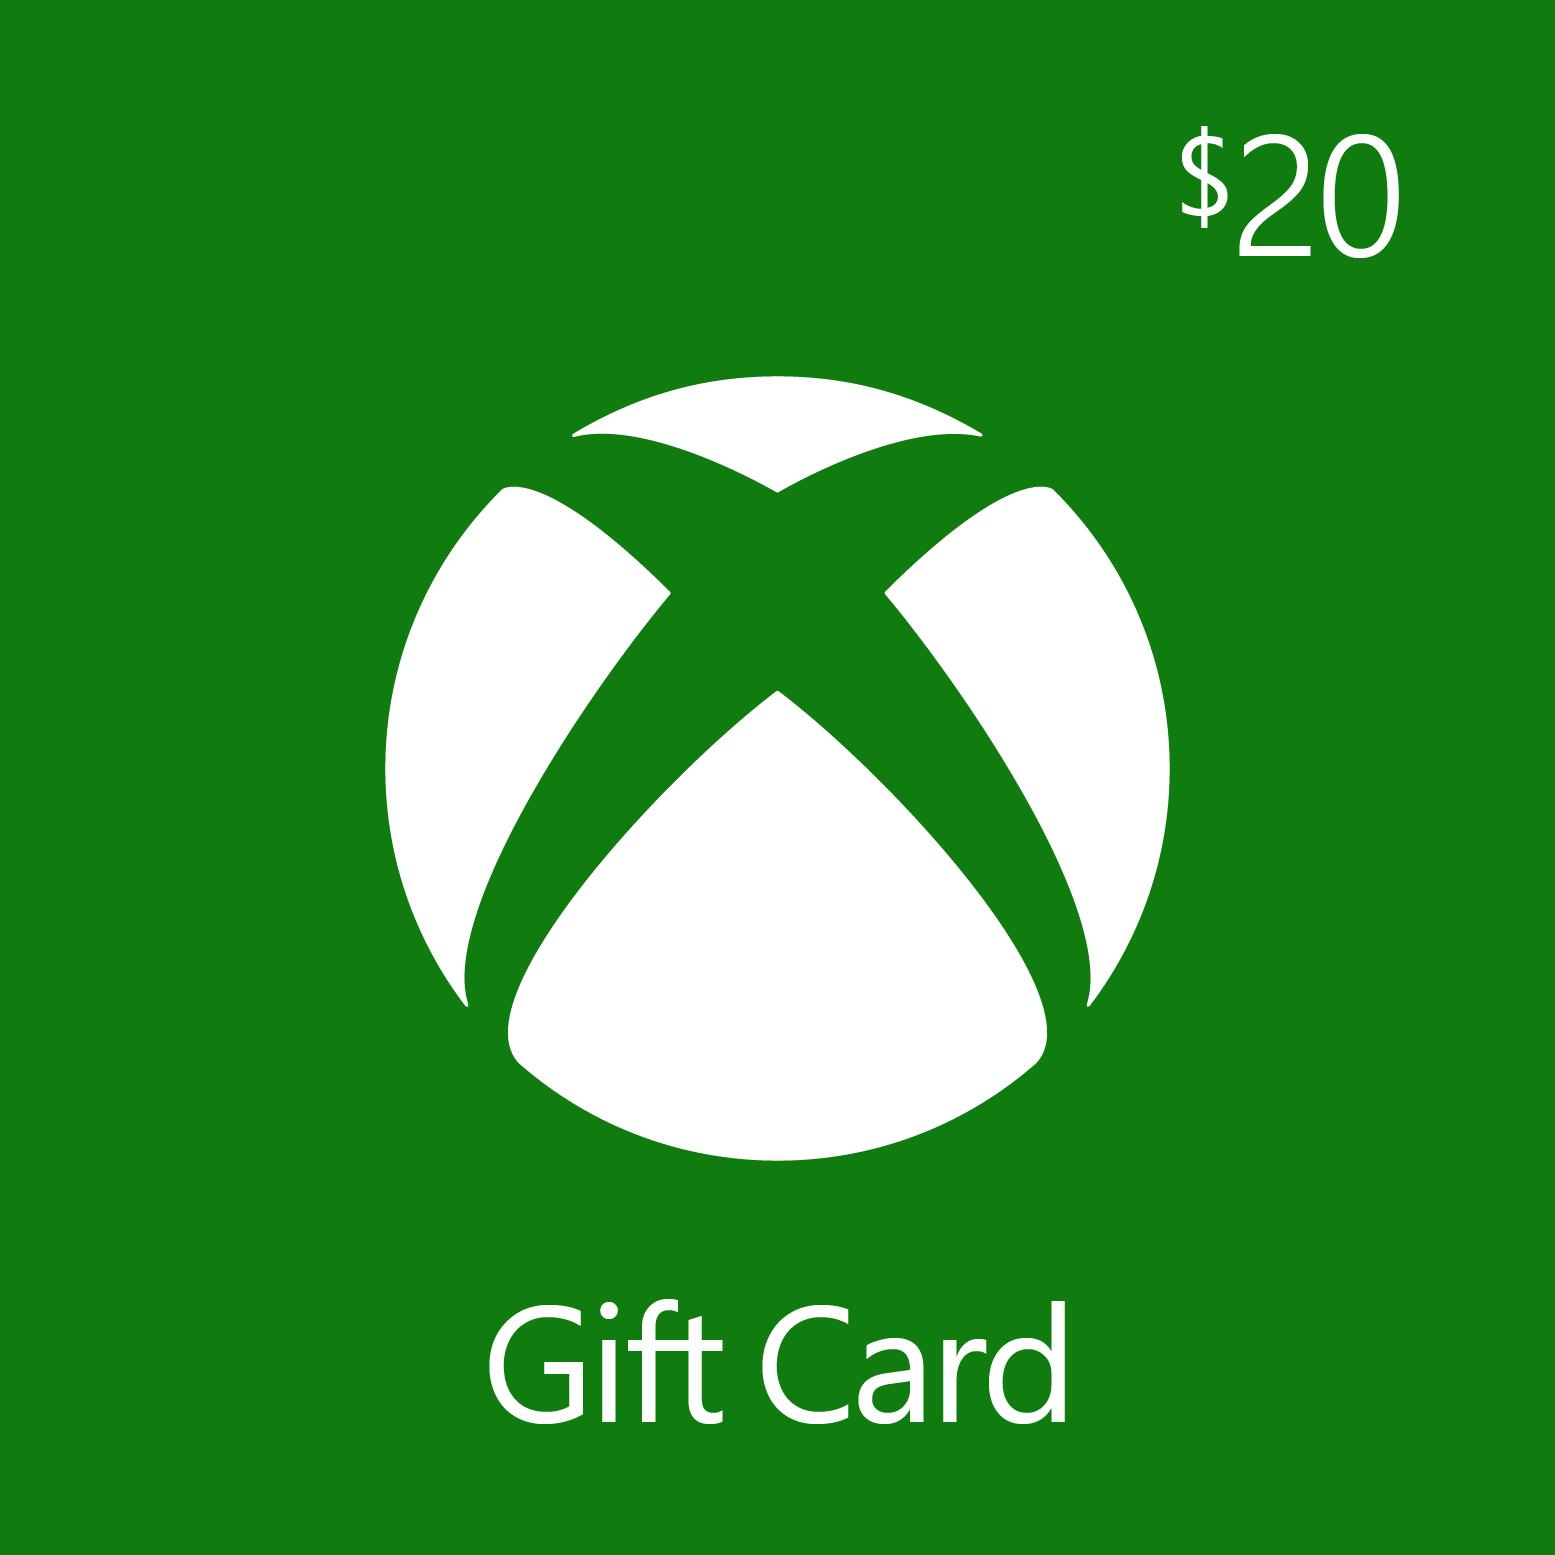 $20.00 Xbox Digital Gift Card